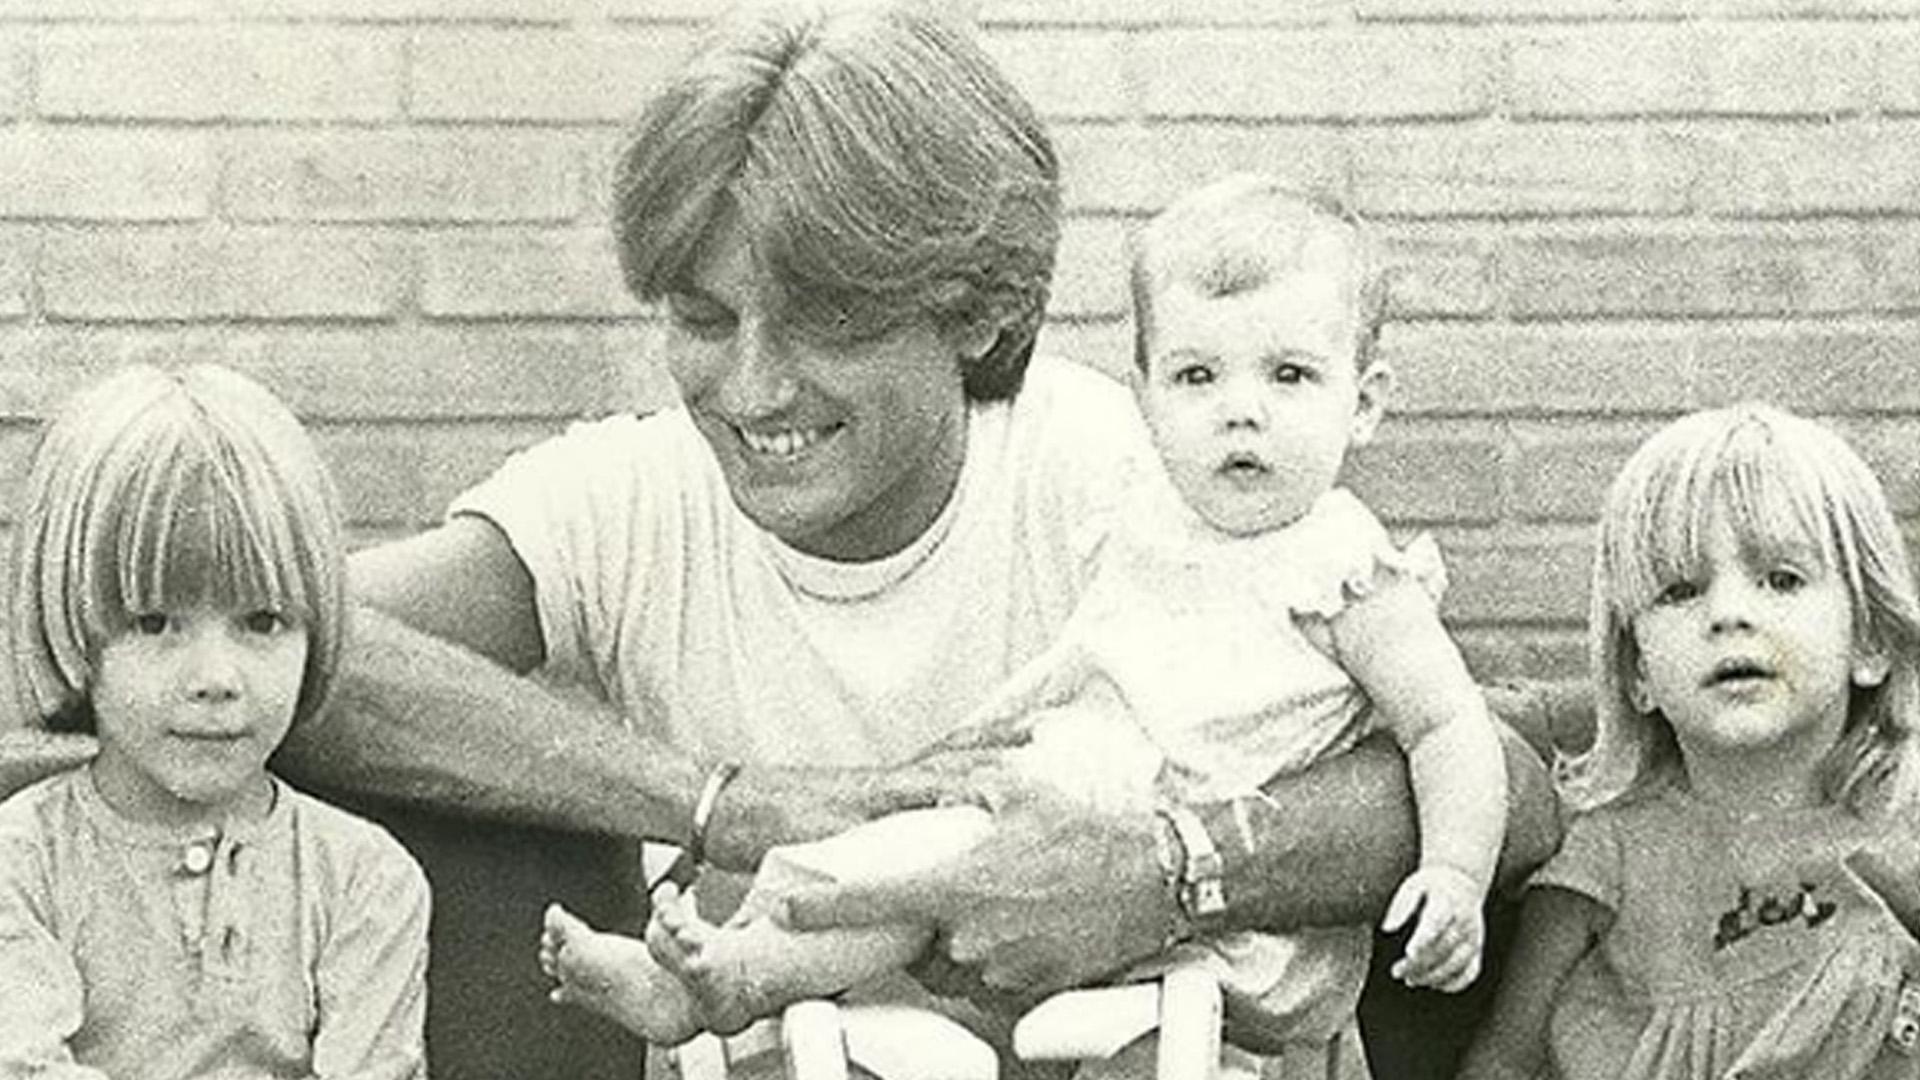 Después de que Sergio Denis se haya accidentado, Federico Hoffmann, el hijo del cantante, le dedicó un saludo por su cumpleaños, preocupado por el grave estado en el que se encuentra